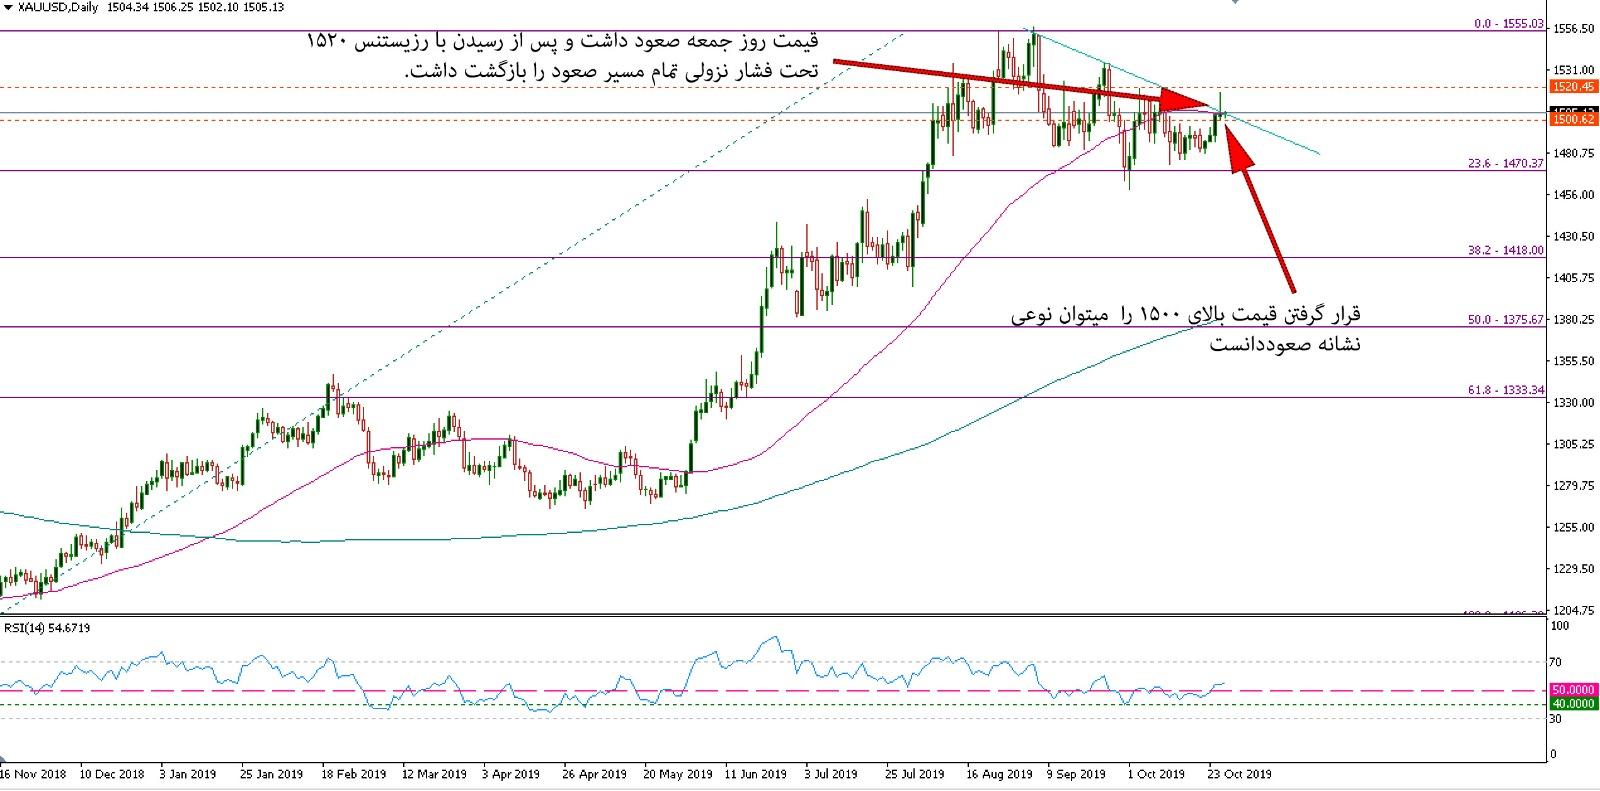 بازار طلا و انتظار معامله گران برای اخبار روز چهارشنبه 30 اکتبر